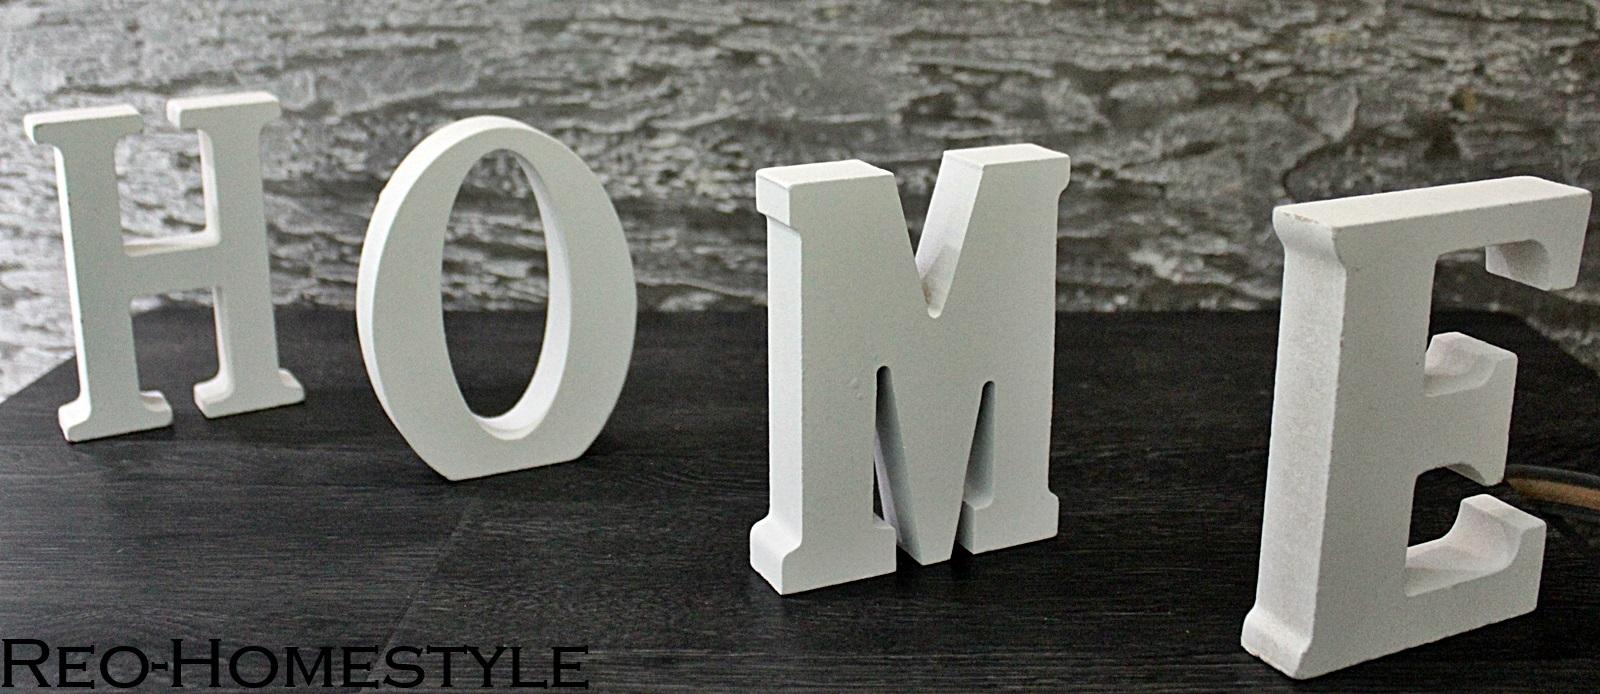 deko buchstaben home holz deko wei shabby chic. Black Bedroom Furniture Sets. Home Design Ideas